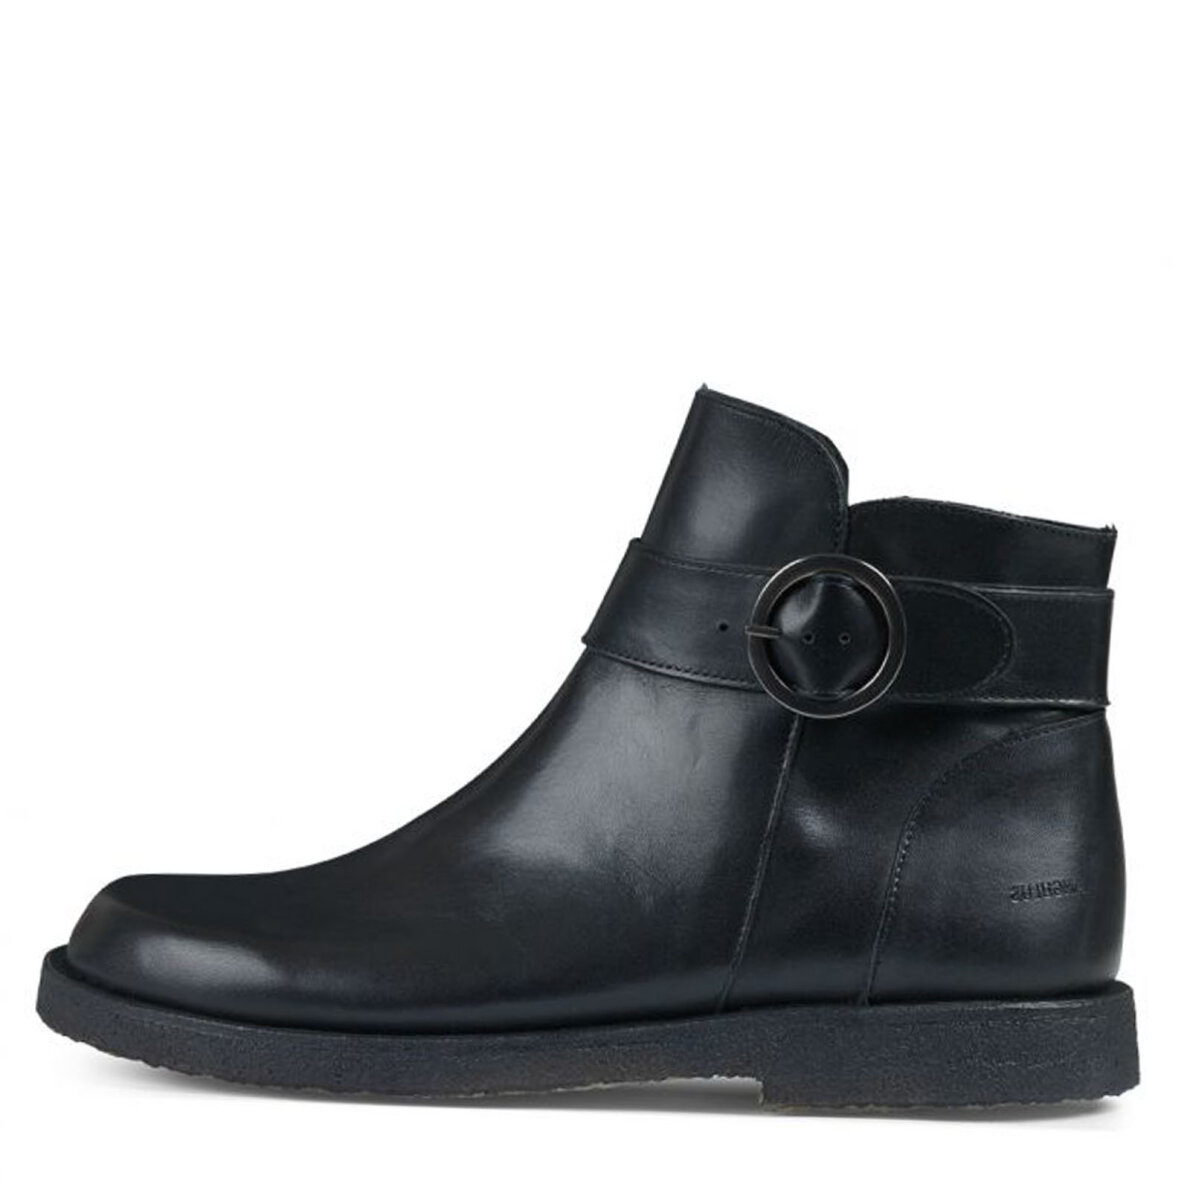 PIEDI Angulus 7496 101 sort støvle med spænde og lynlås